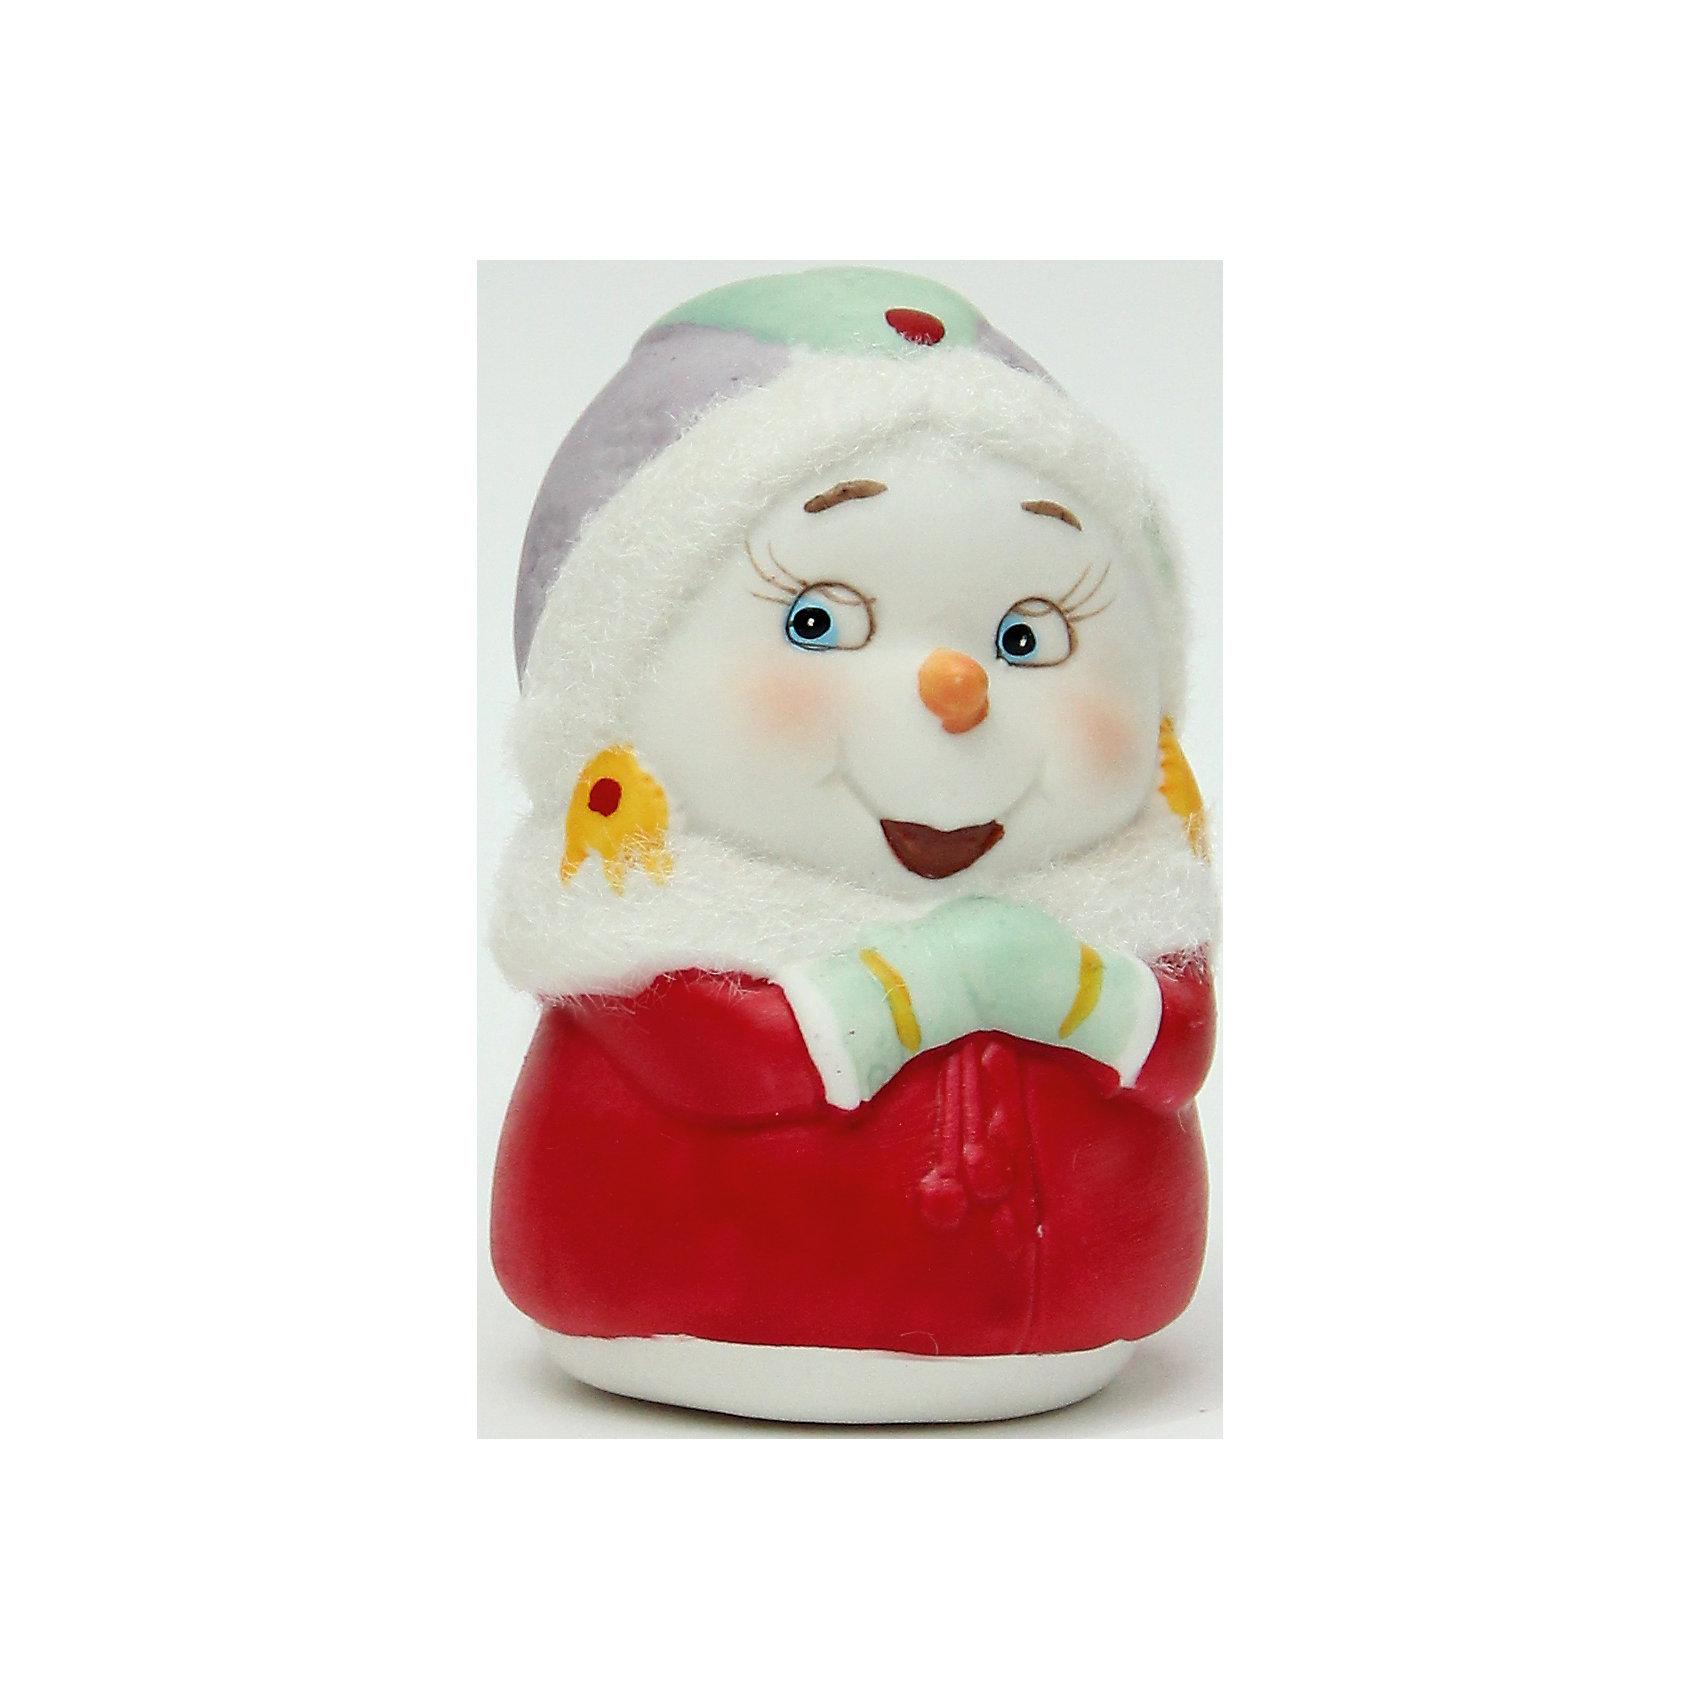 Фигурка Снеговичка 8 см, керамикаВсё для праздника<br>Новогодняя фигурка снеговика Снеговик-девушка арт.38341 (8см, керамика)<br><br>Ширина мм: 60<br>Глубина мм: 60<br>Высота мм: 80<br>Вес г: 124<br>Возраст от месяцев: 60<br>Возраст до месяцев: 600<br>Пол: Унисекс<br>Возраст: Детский<br>SKU: 5144559